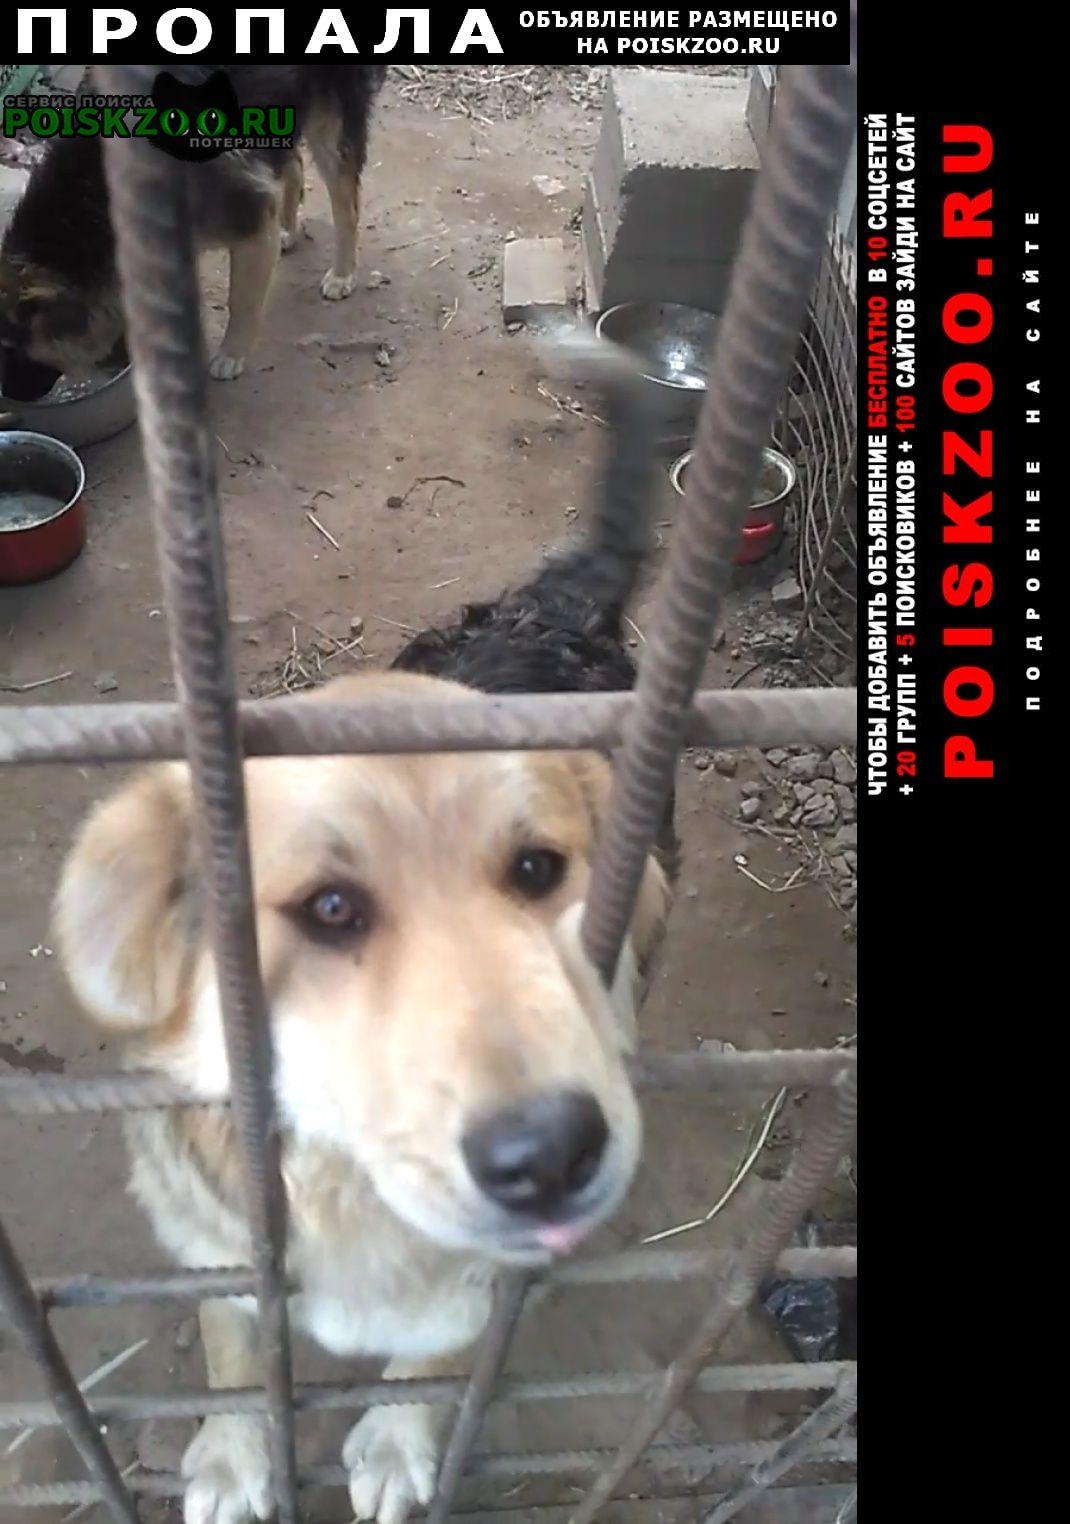 Пропала собака кобель фрунзенский район. Санкт-Петербург